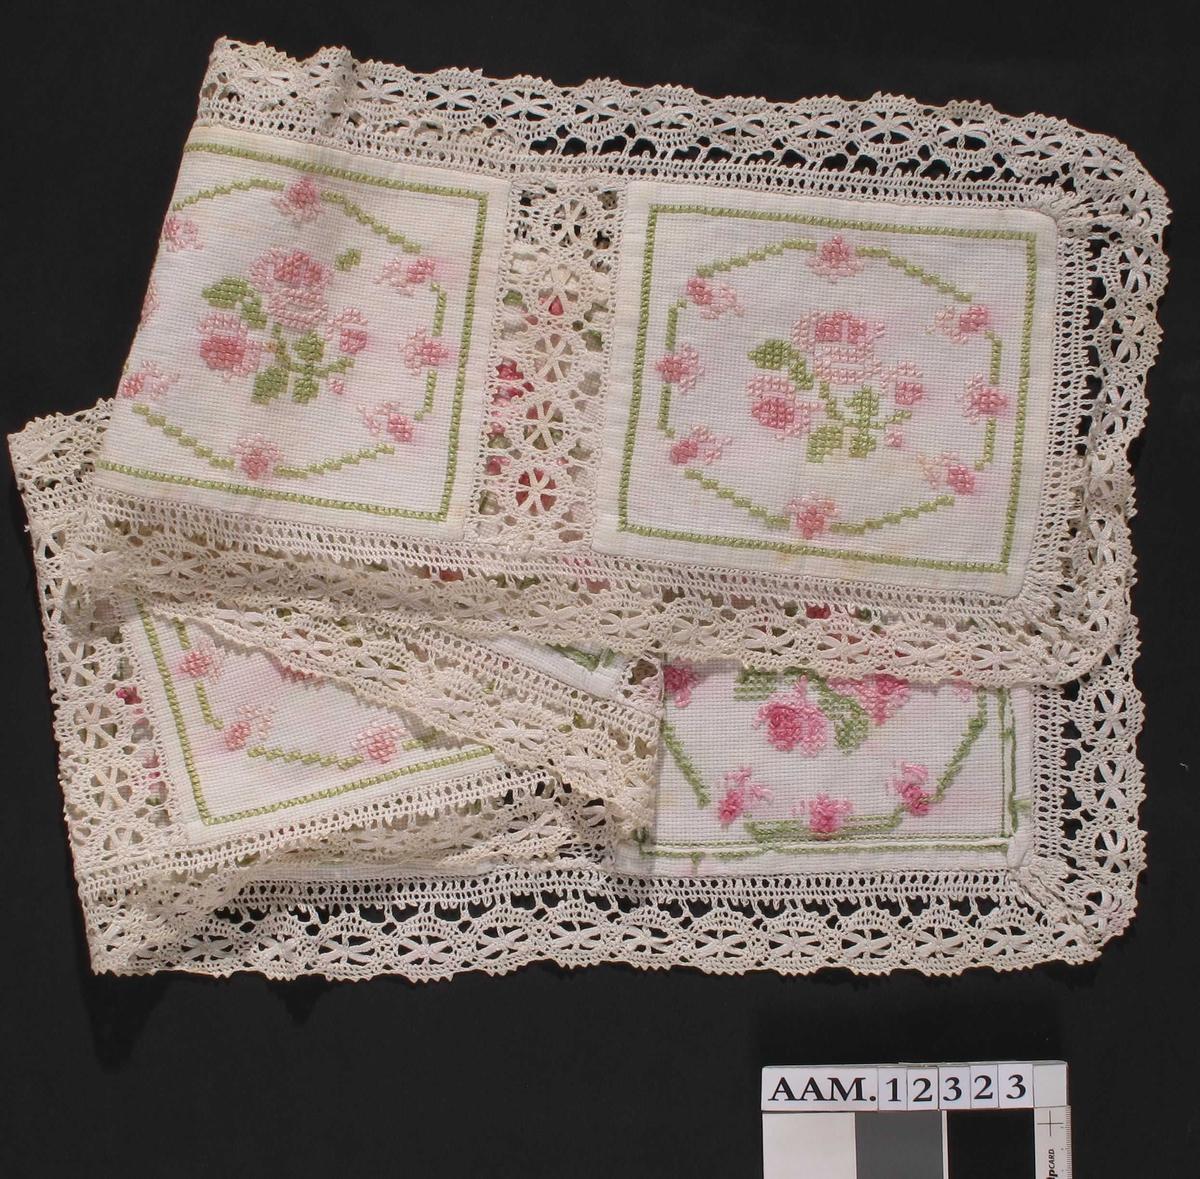 Løper til kommode  eller lign., Stramei, korssting i silkegarn, heklede  blonder. Seks kvadratiske felt brodert med rosa  og lys grønt, mell omverk og kanter avh blonder.  Tilstand: god.